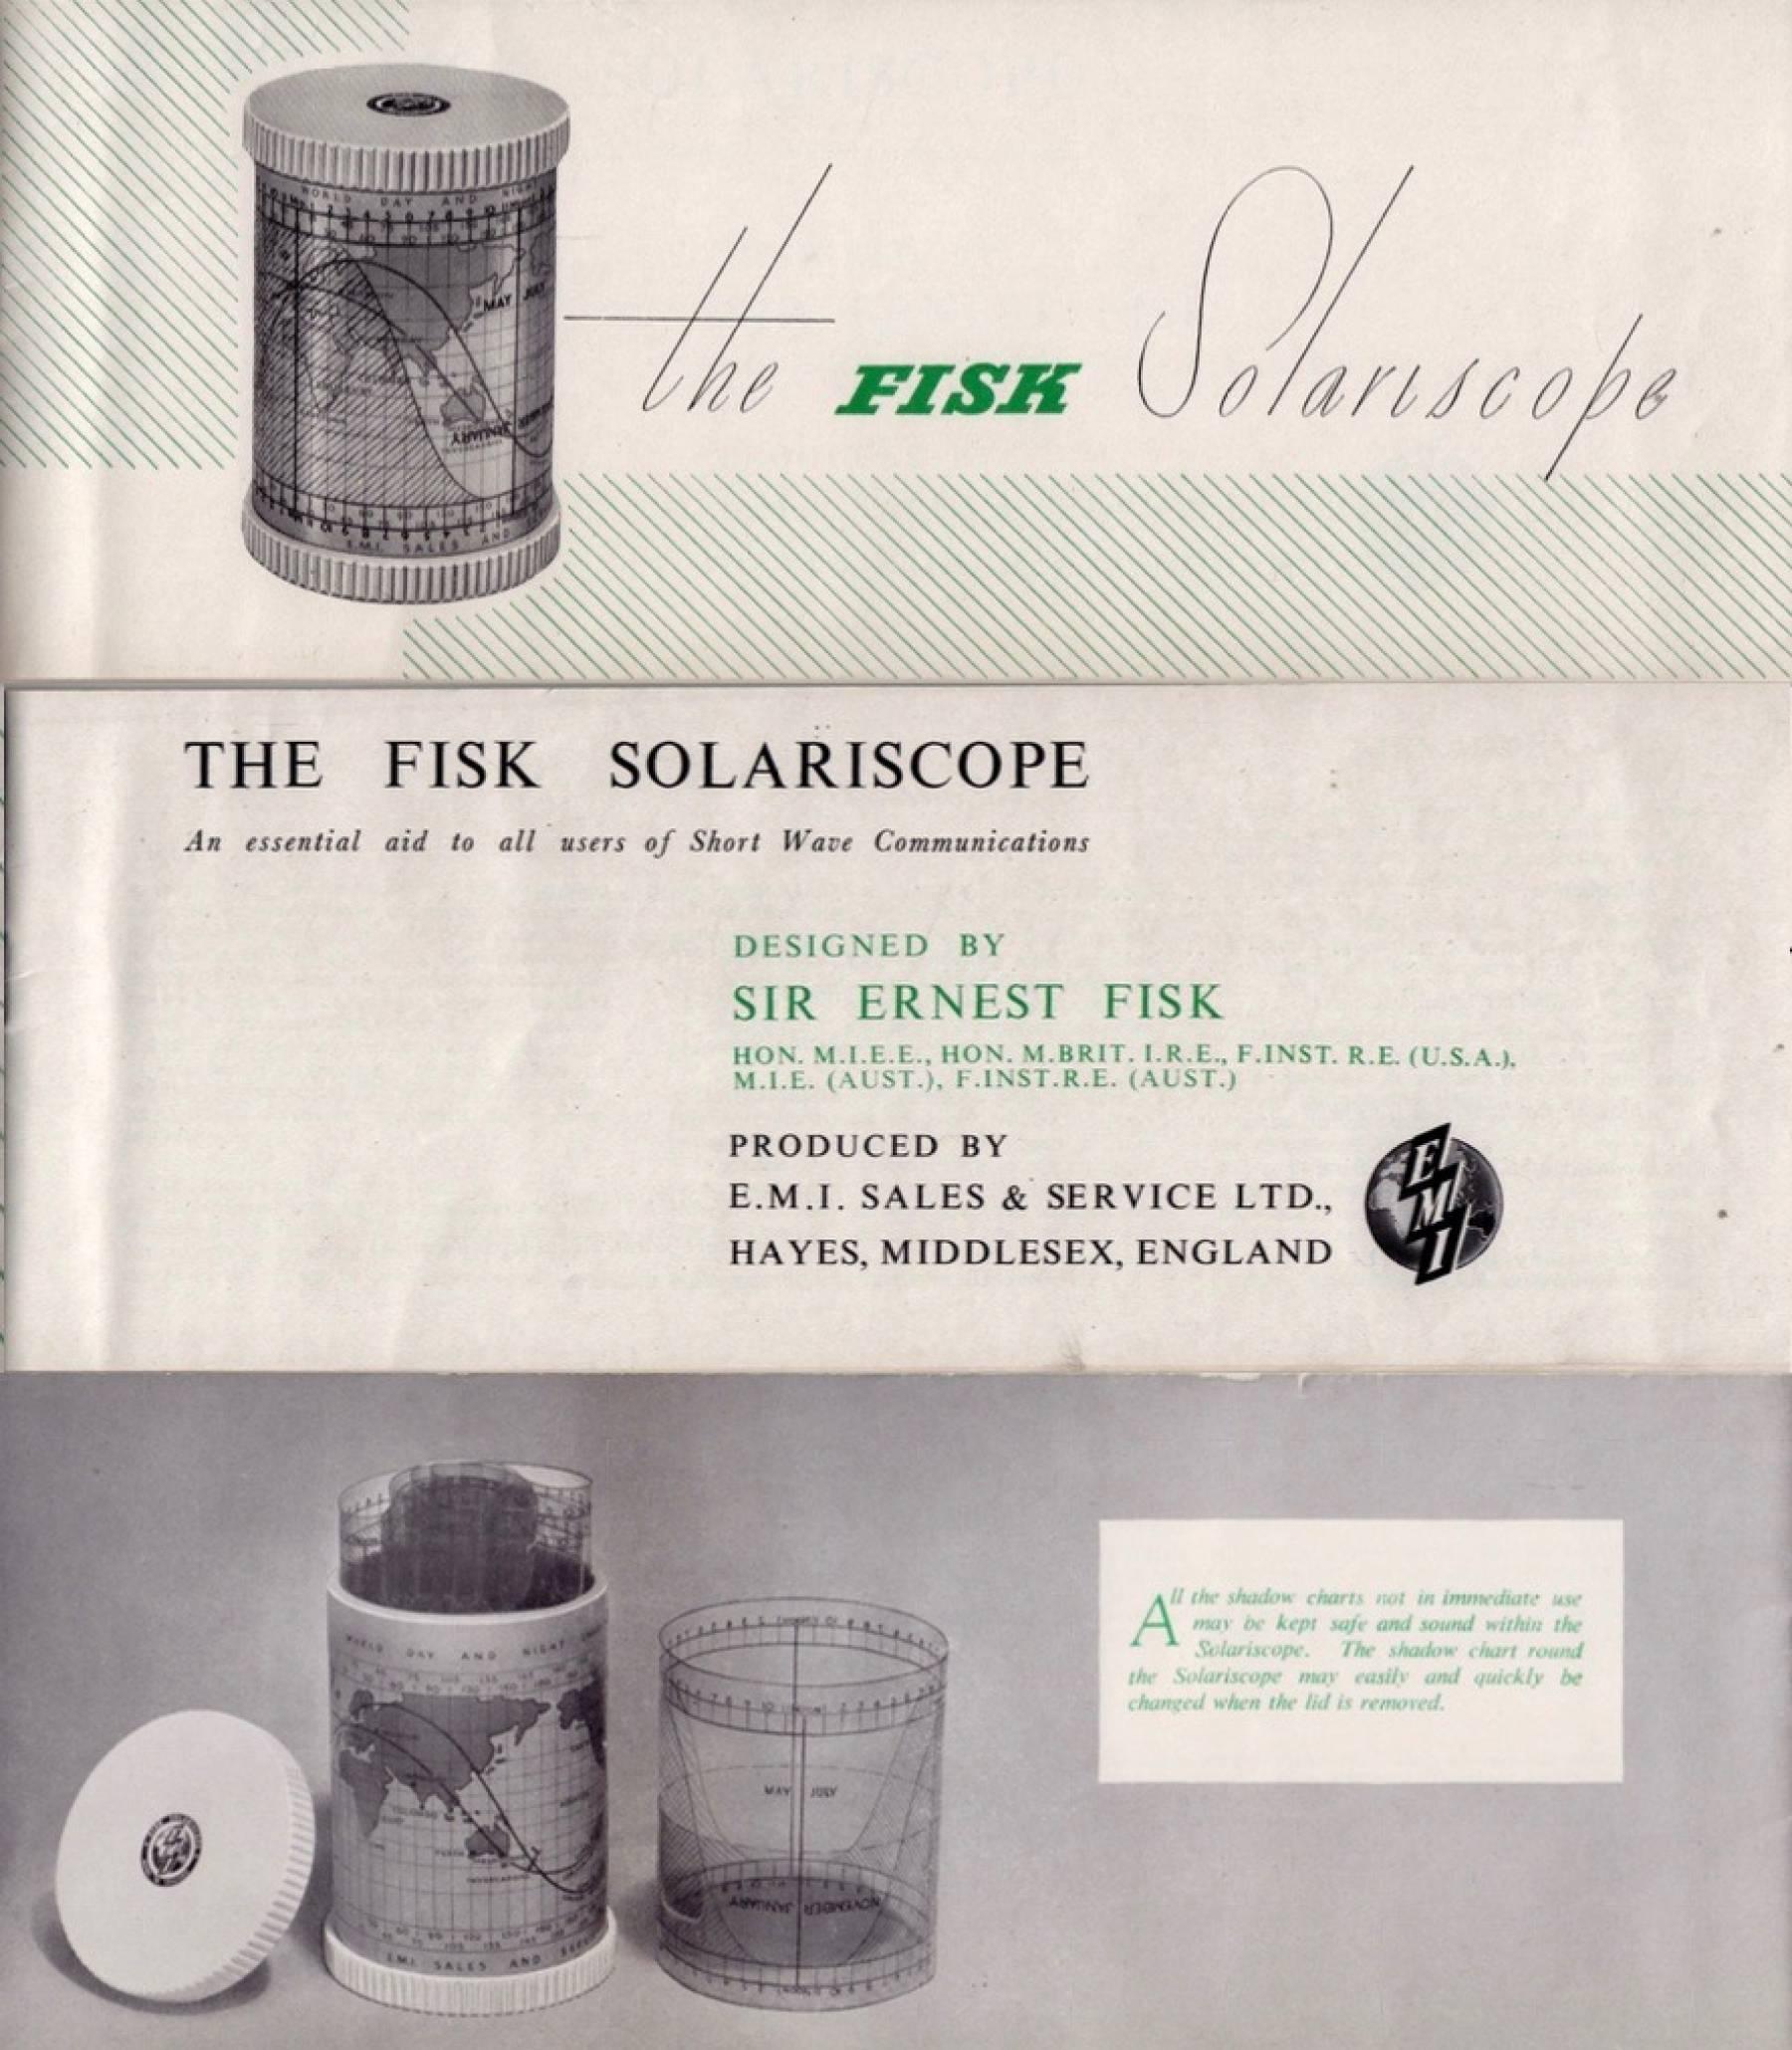 Fisk Solariscope